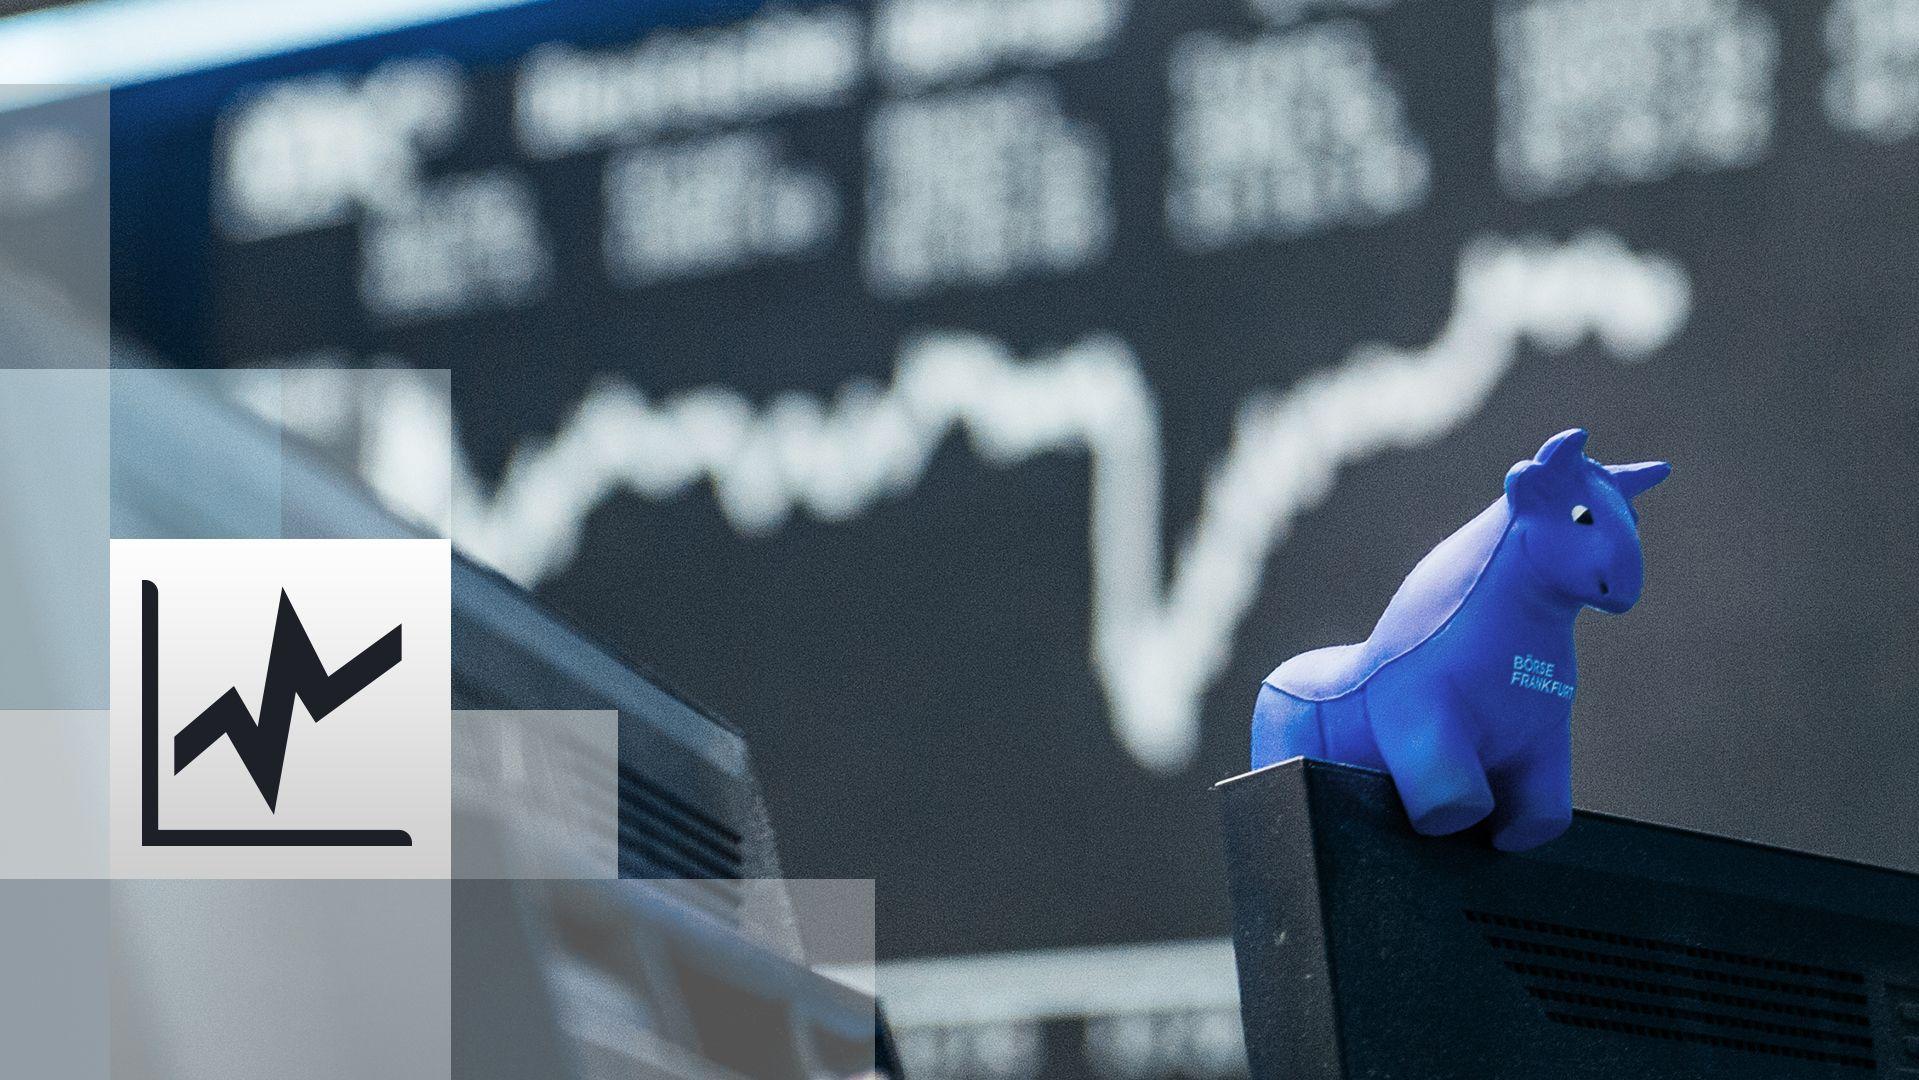 ein blauer Stier aus Gummi sitzt auf der oberen Kante eines Bildschirmes, im Hintergrund die Kurstafel der Börs